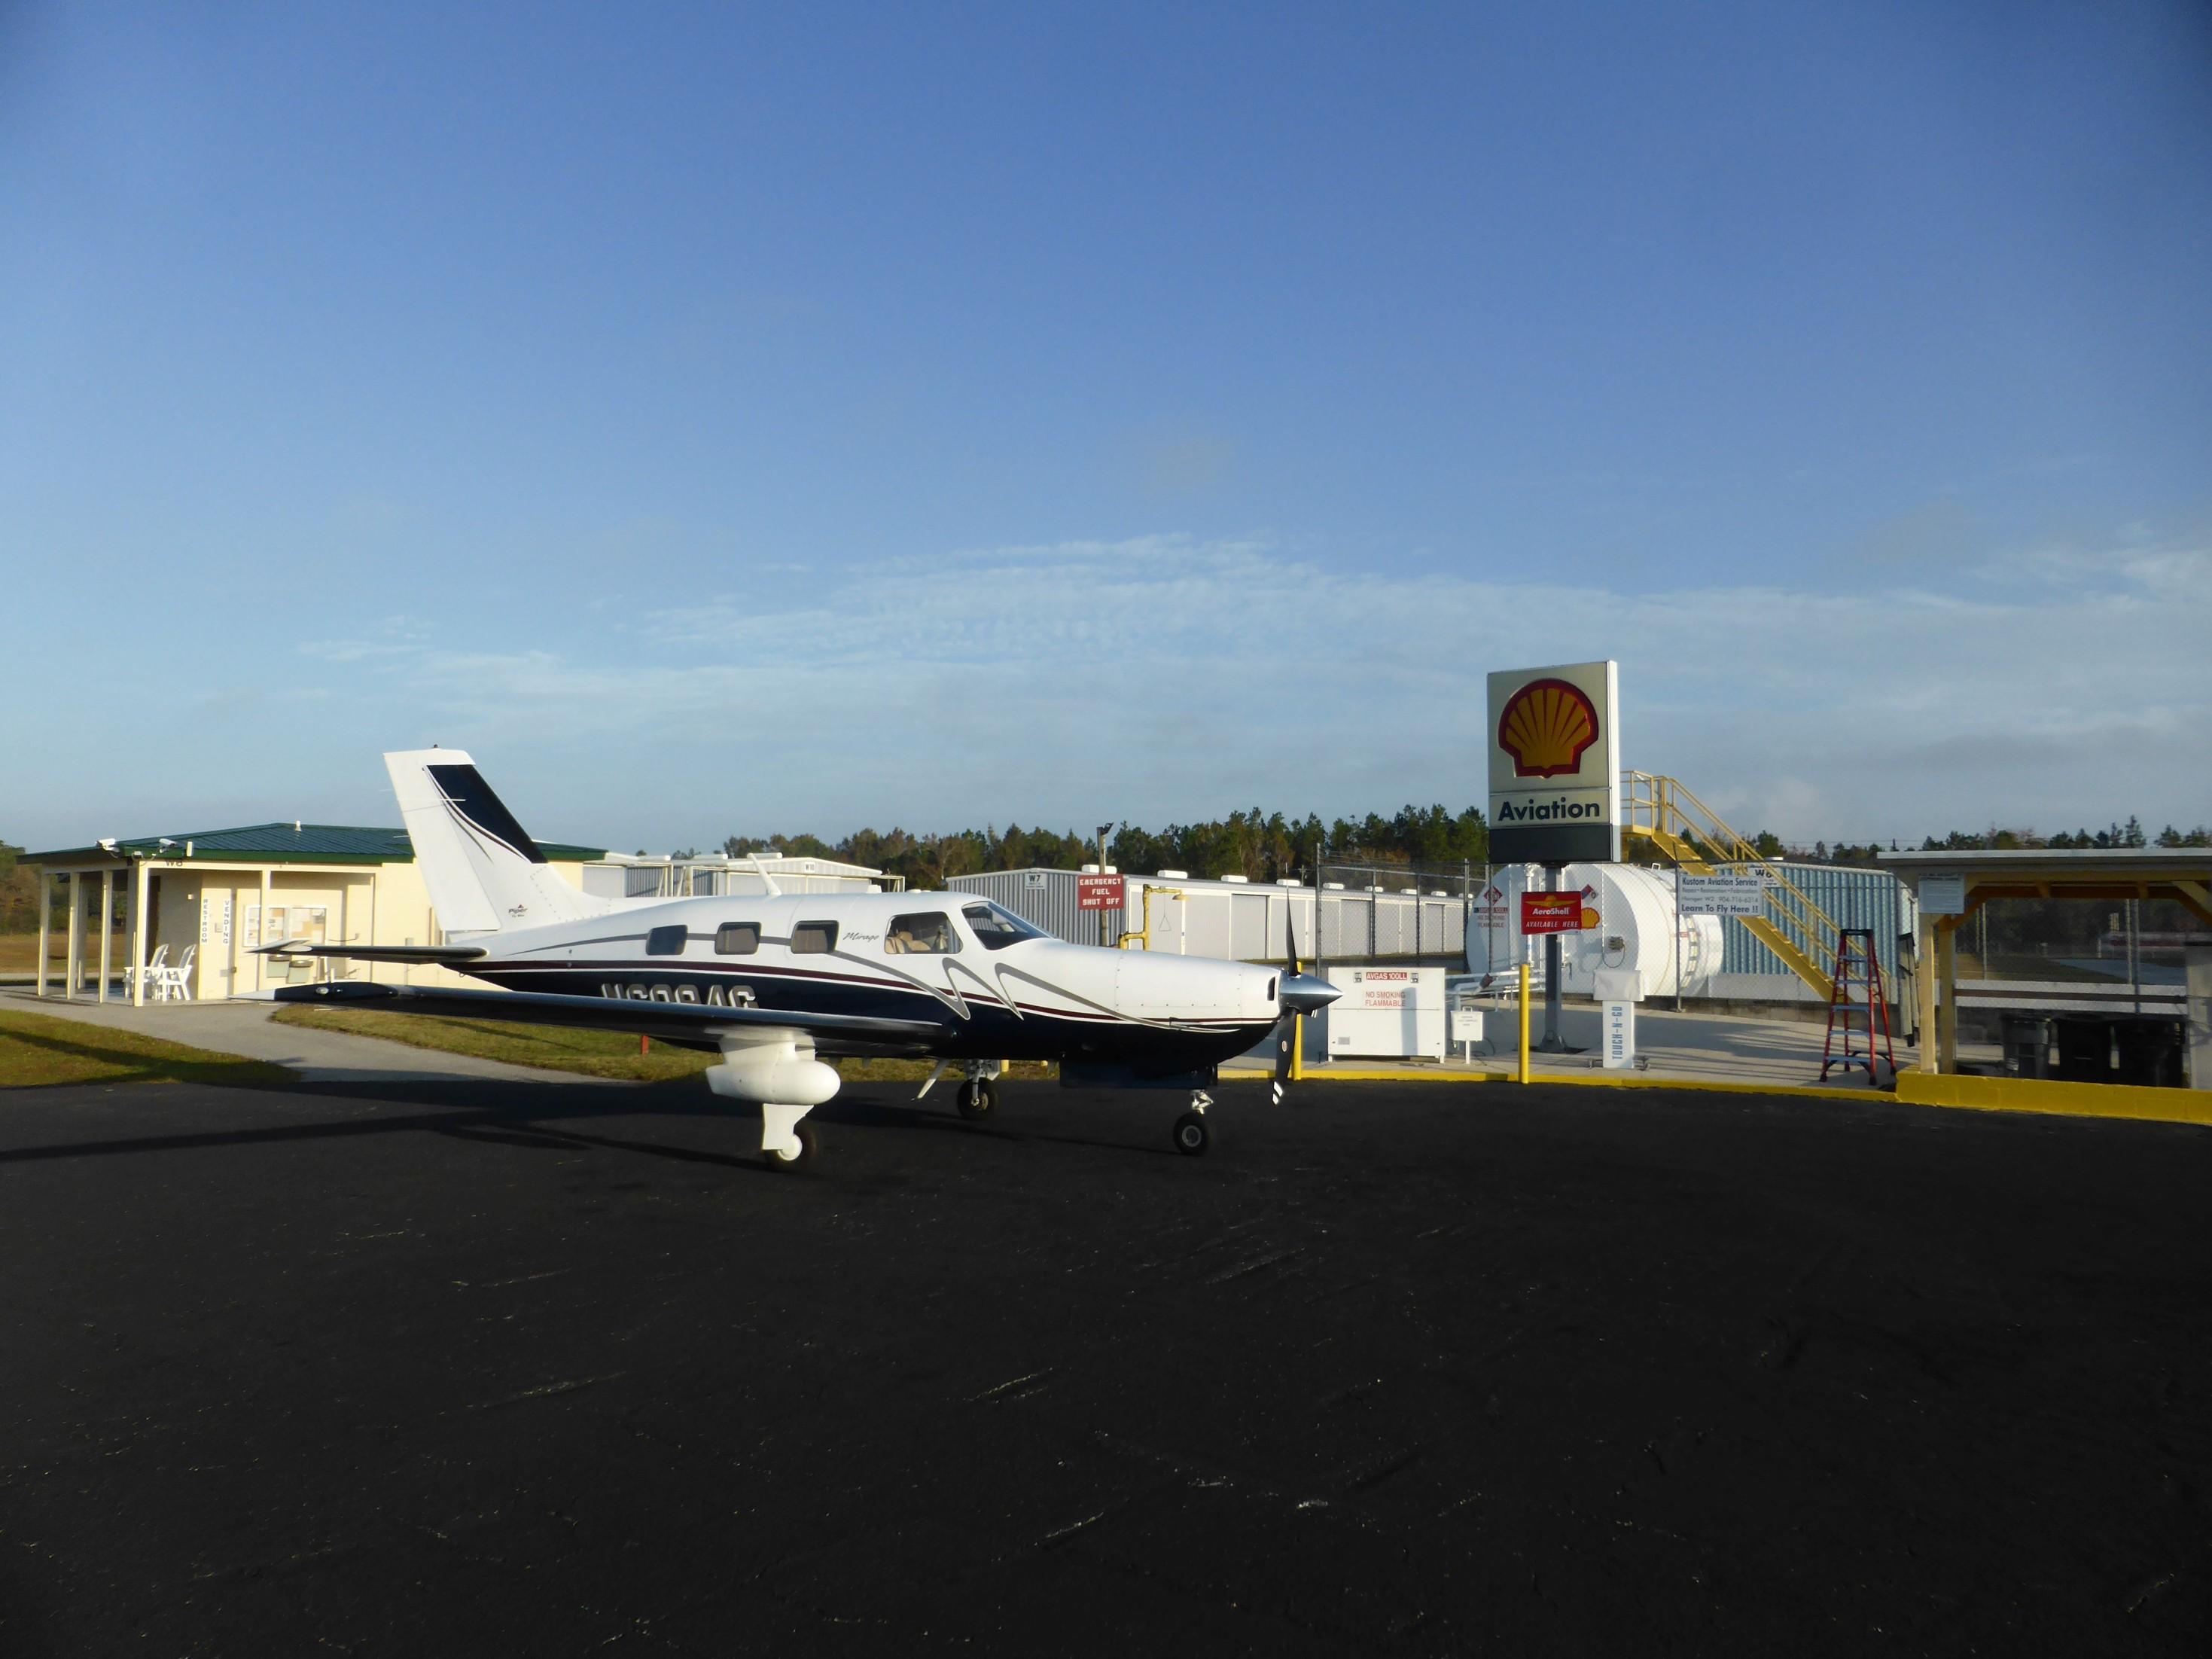 Zahájení přeletu do Evropy. Letiště Palatka Larkin (K28J)